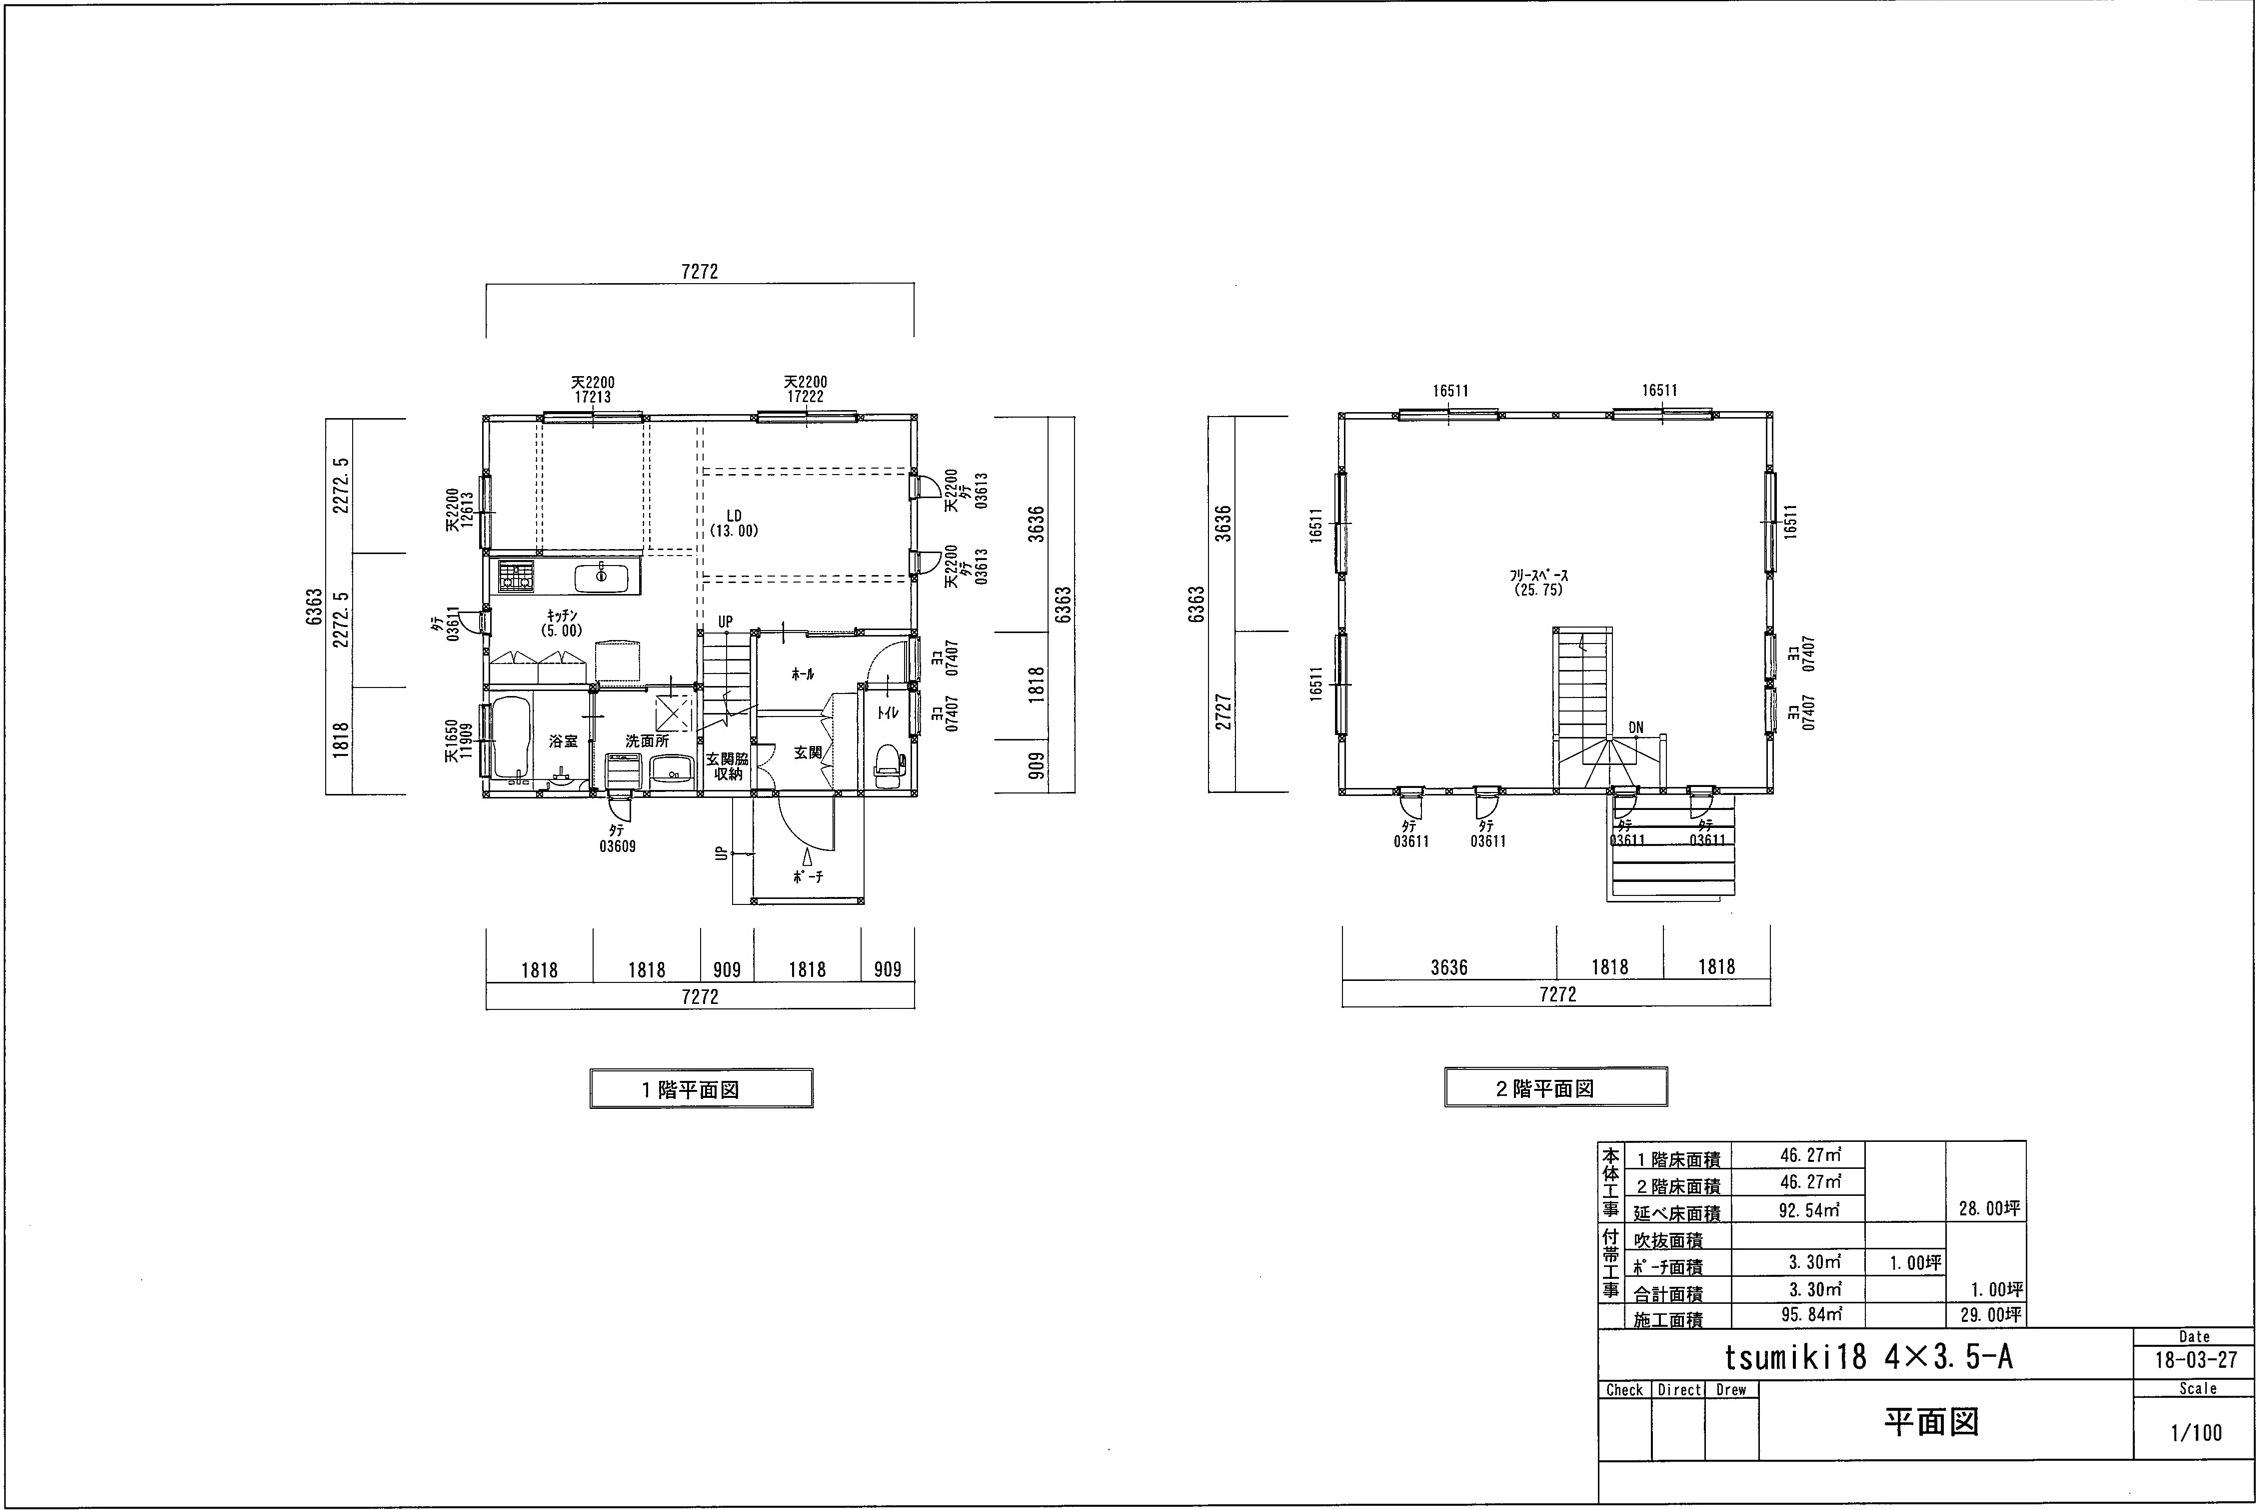 tsumiki 29坪 (4×3.5-A)